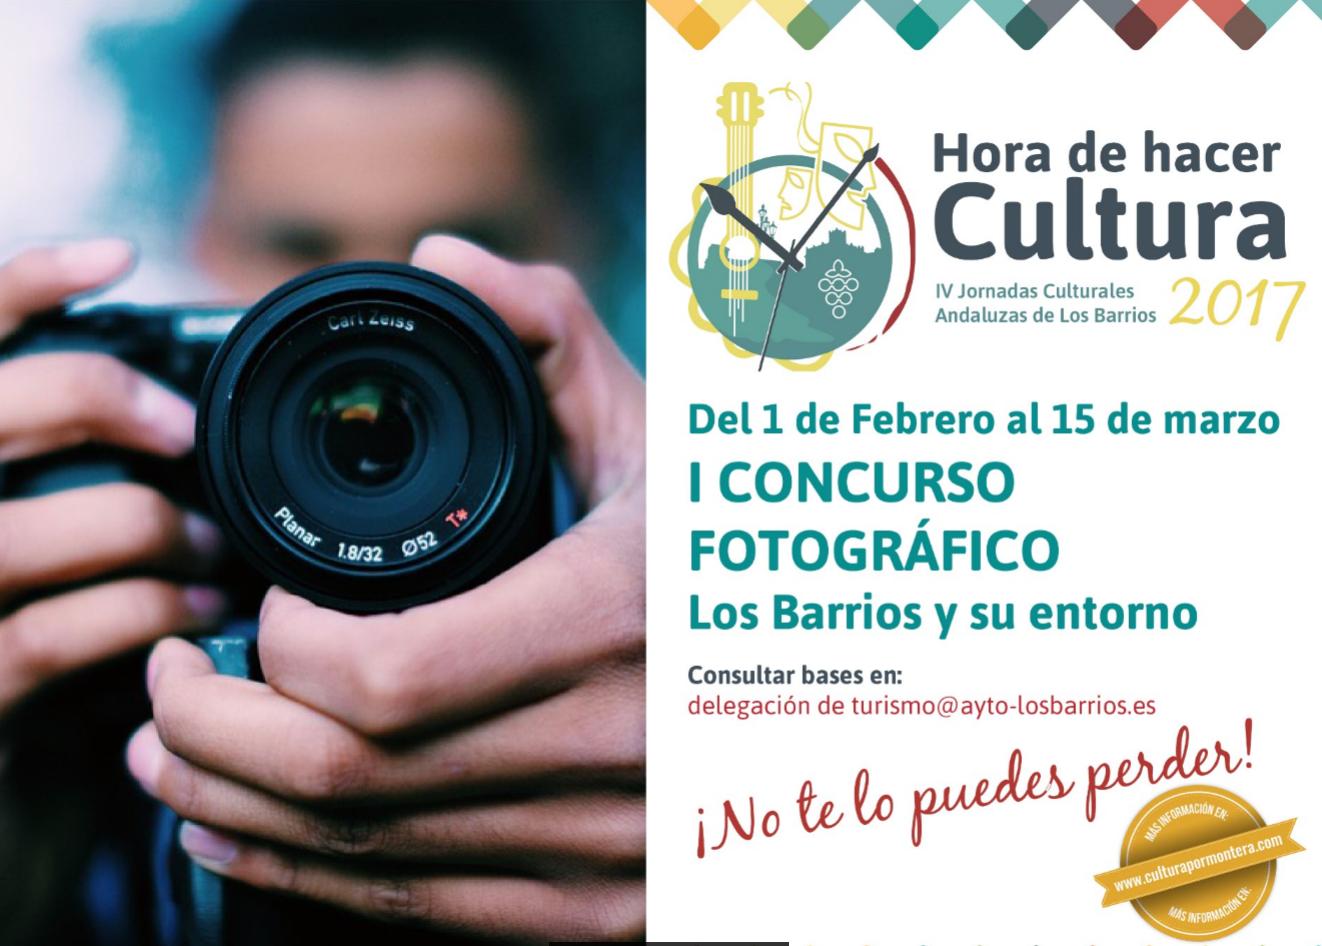 I CONCURSO FOTOGRÁFICO LOS BARRIOS Y SU ENTORNO